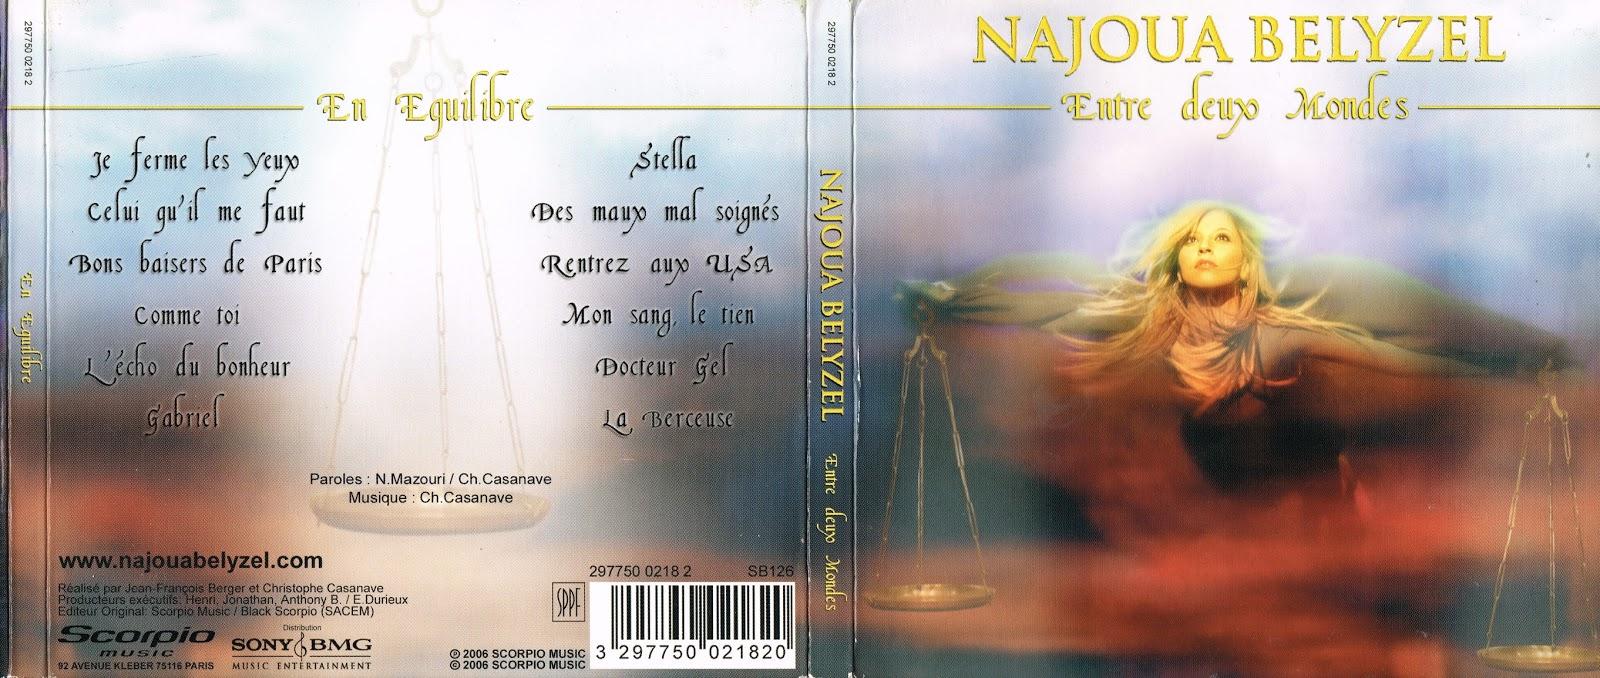 album entre deux mondes najoua belyzel